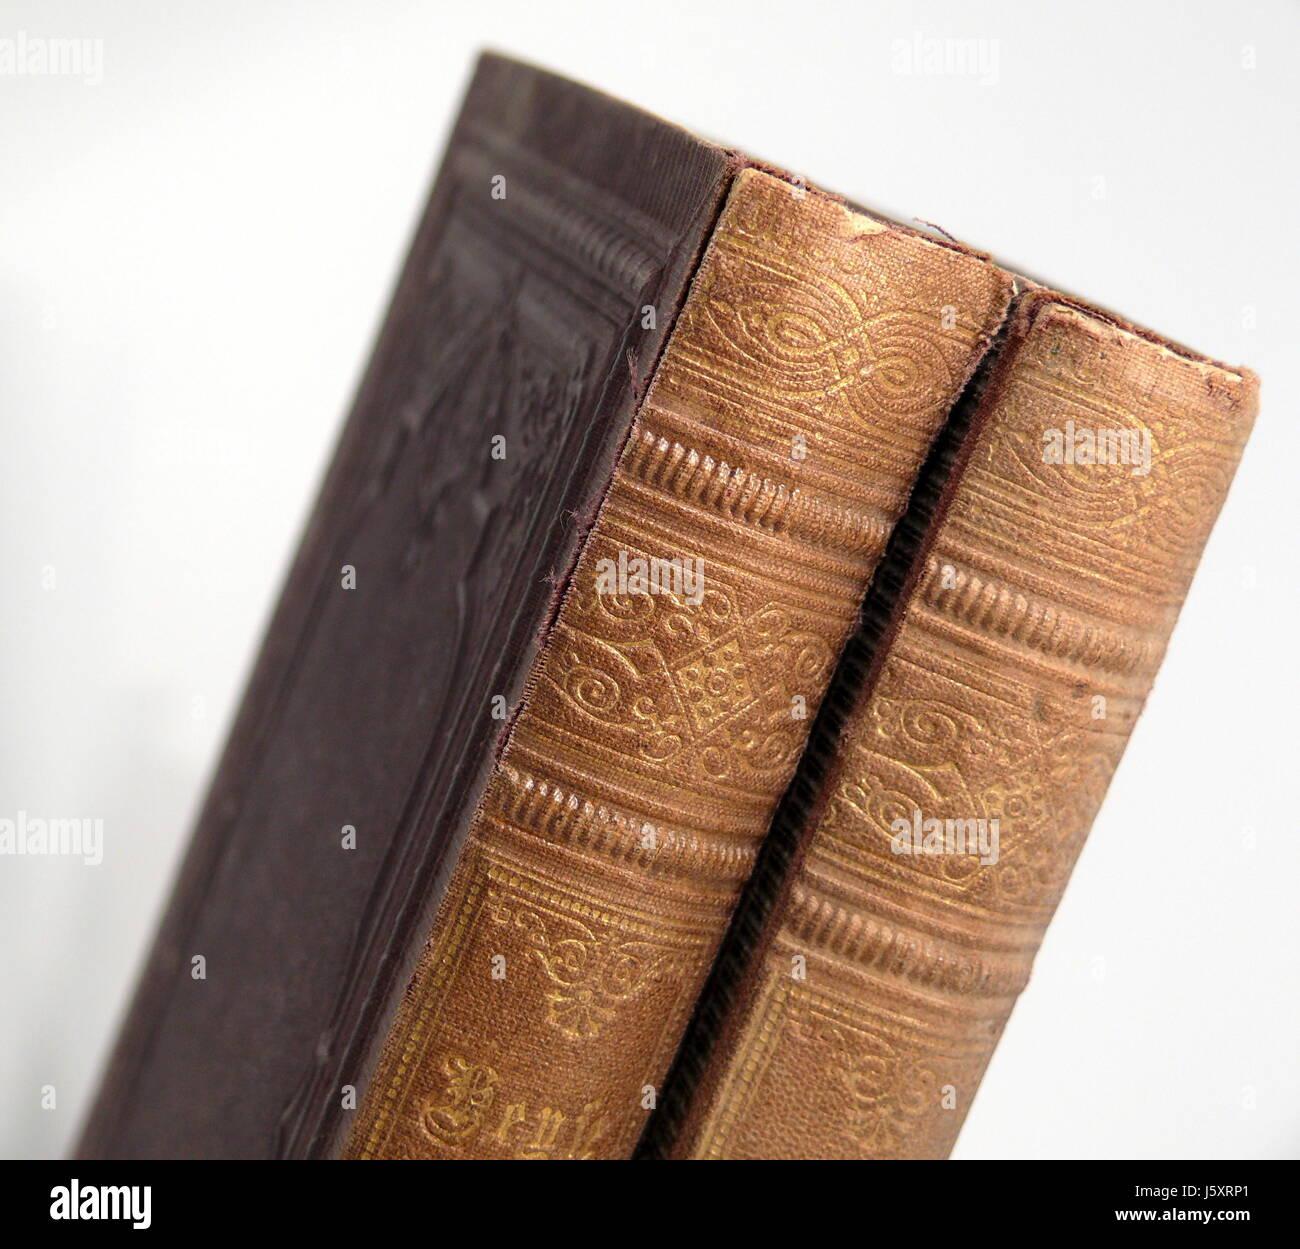 Book Cover Binding Stock Photos & Book Cover Binding Stock ...